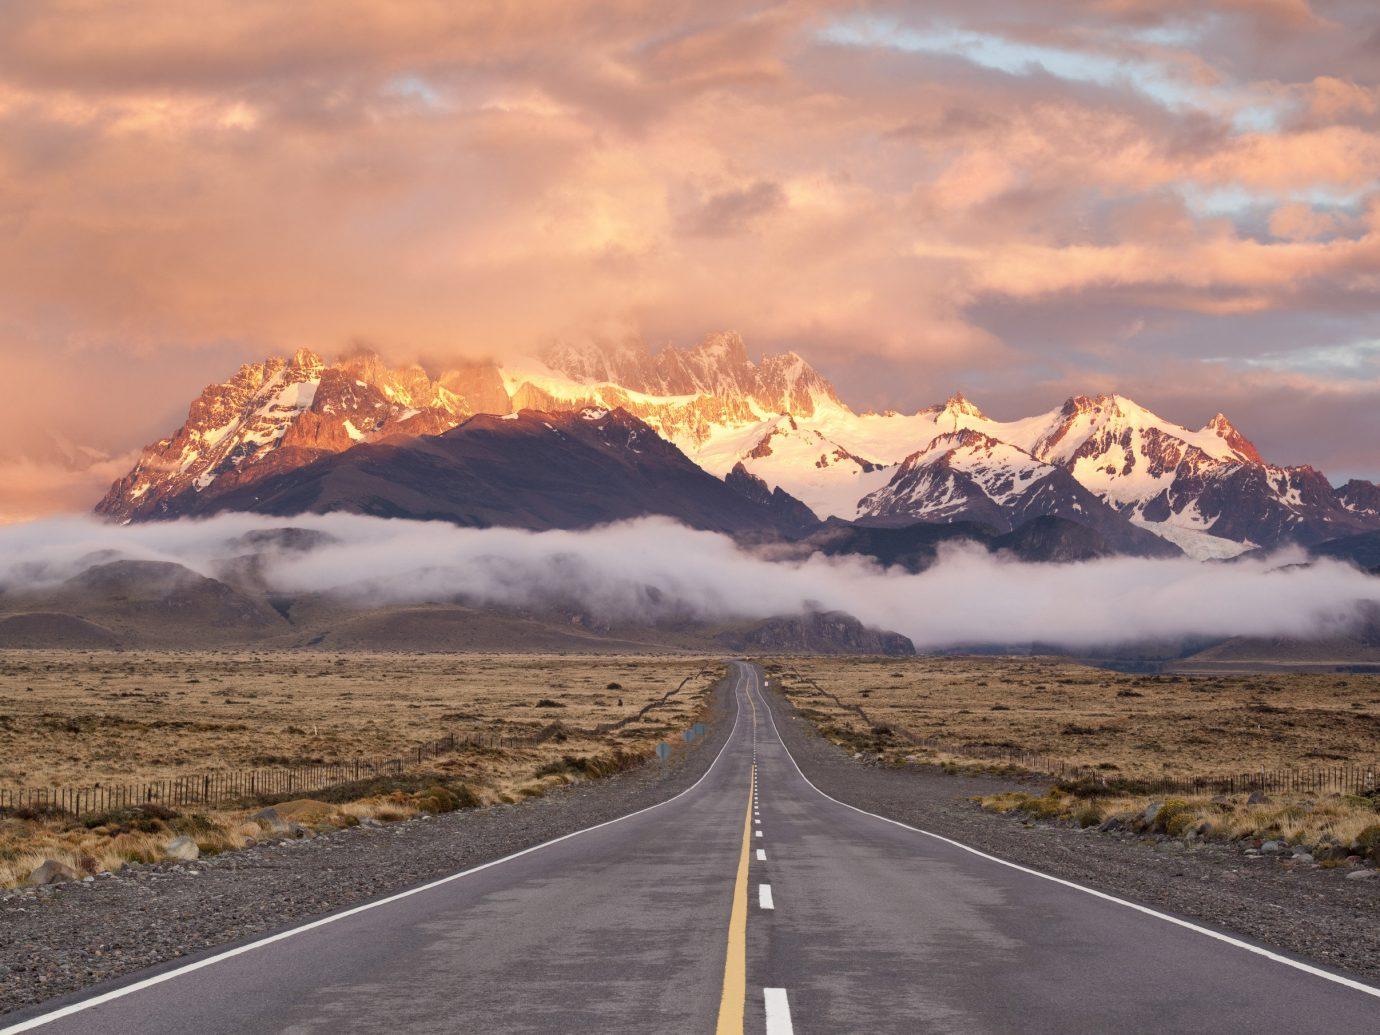 Pink sunset behind a mountain range in Patagonia